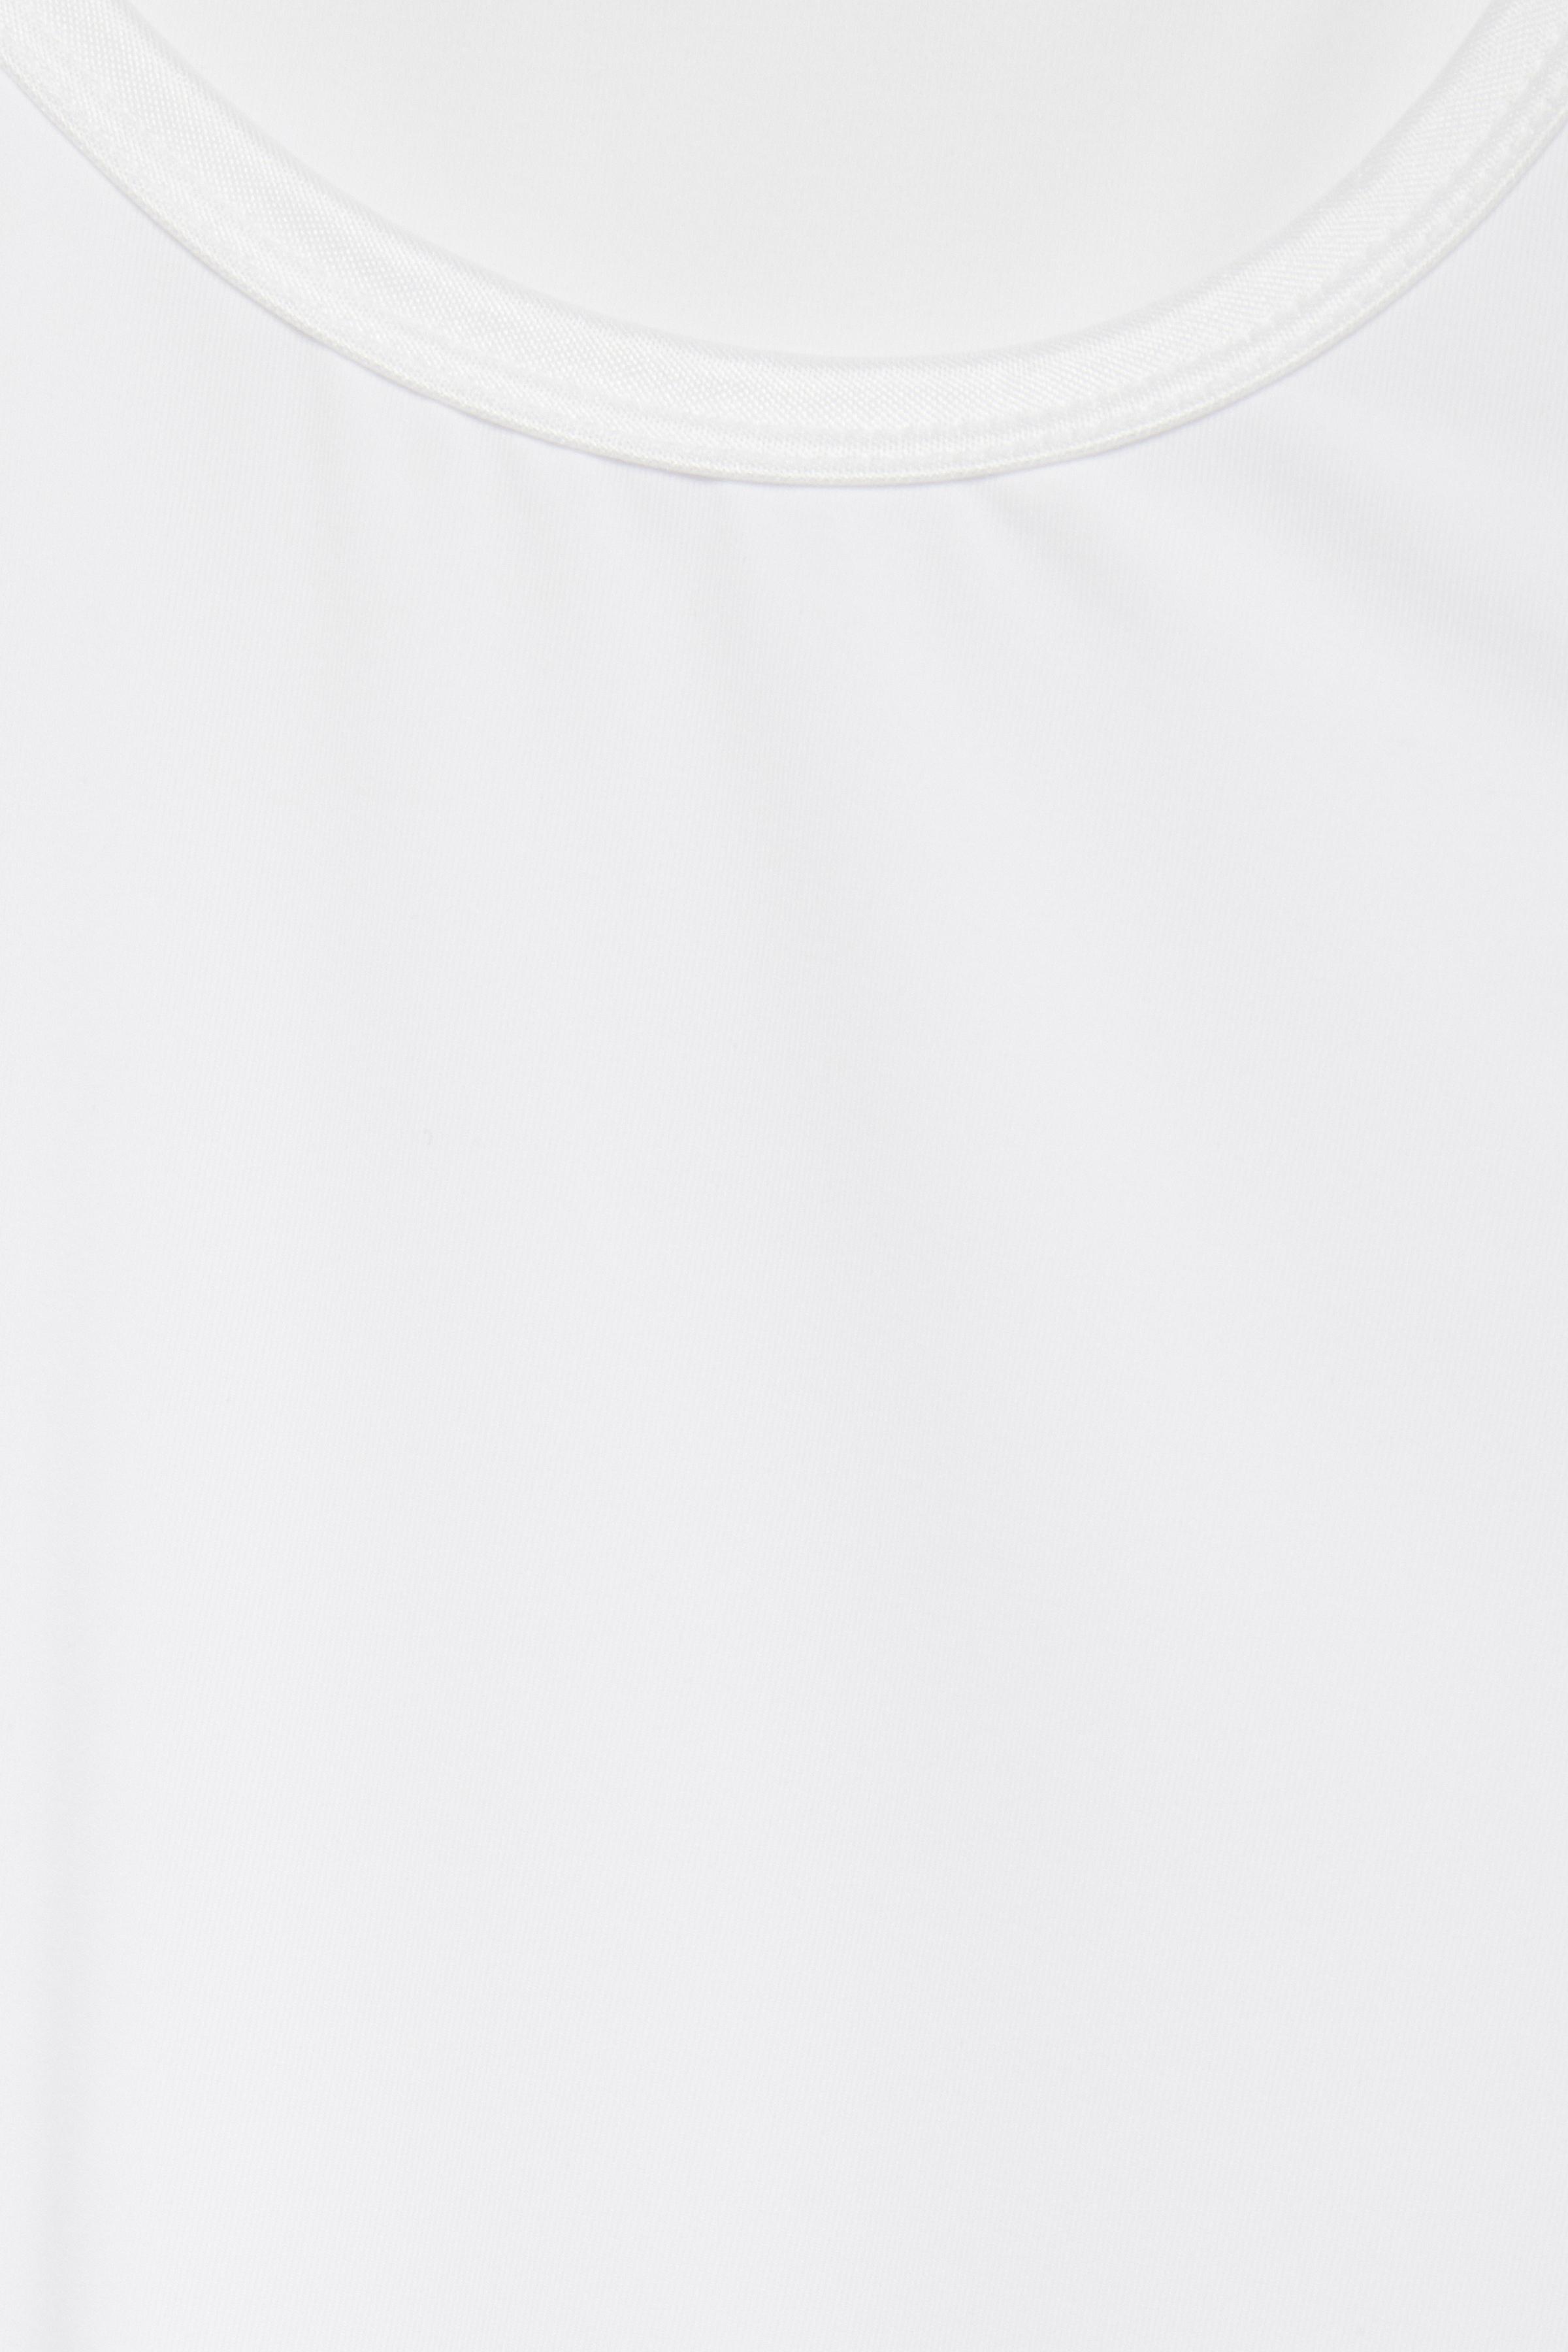 Optical White Jerseytop von b.young – Kaufen Sie Optical White Jerseytop aus Größe XS-XXL hier